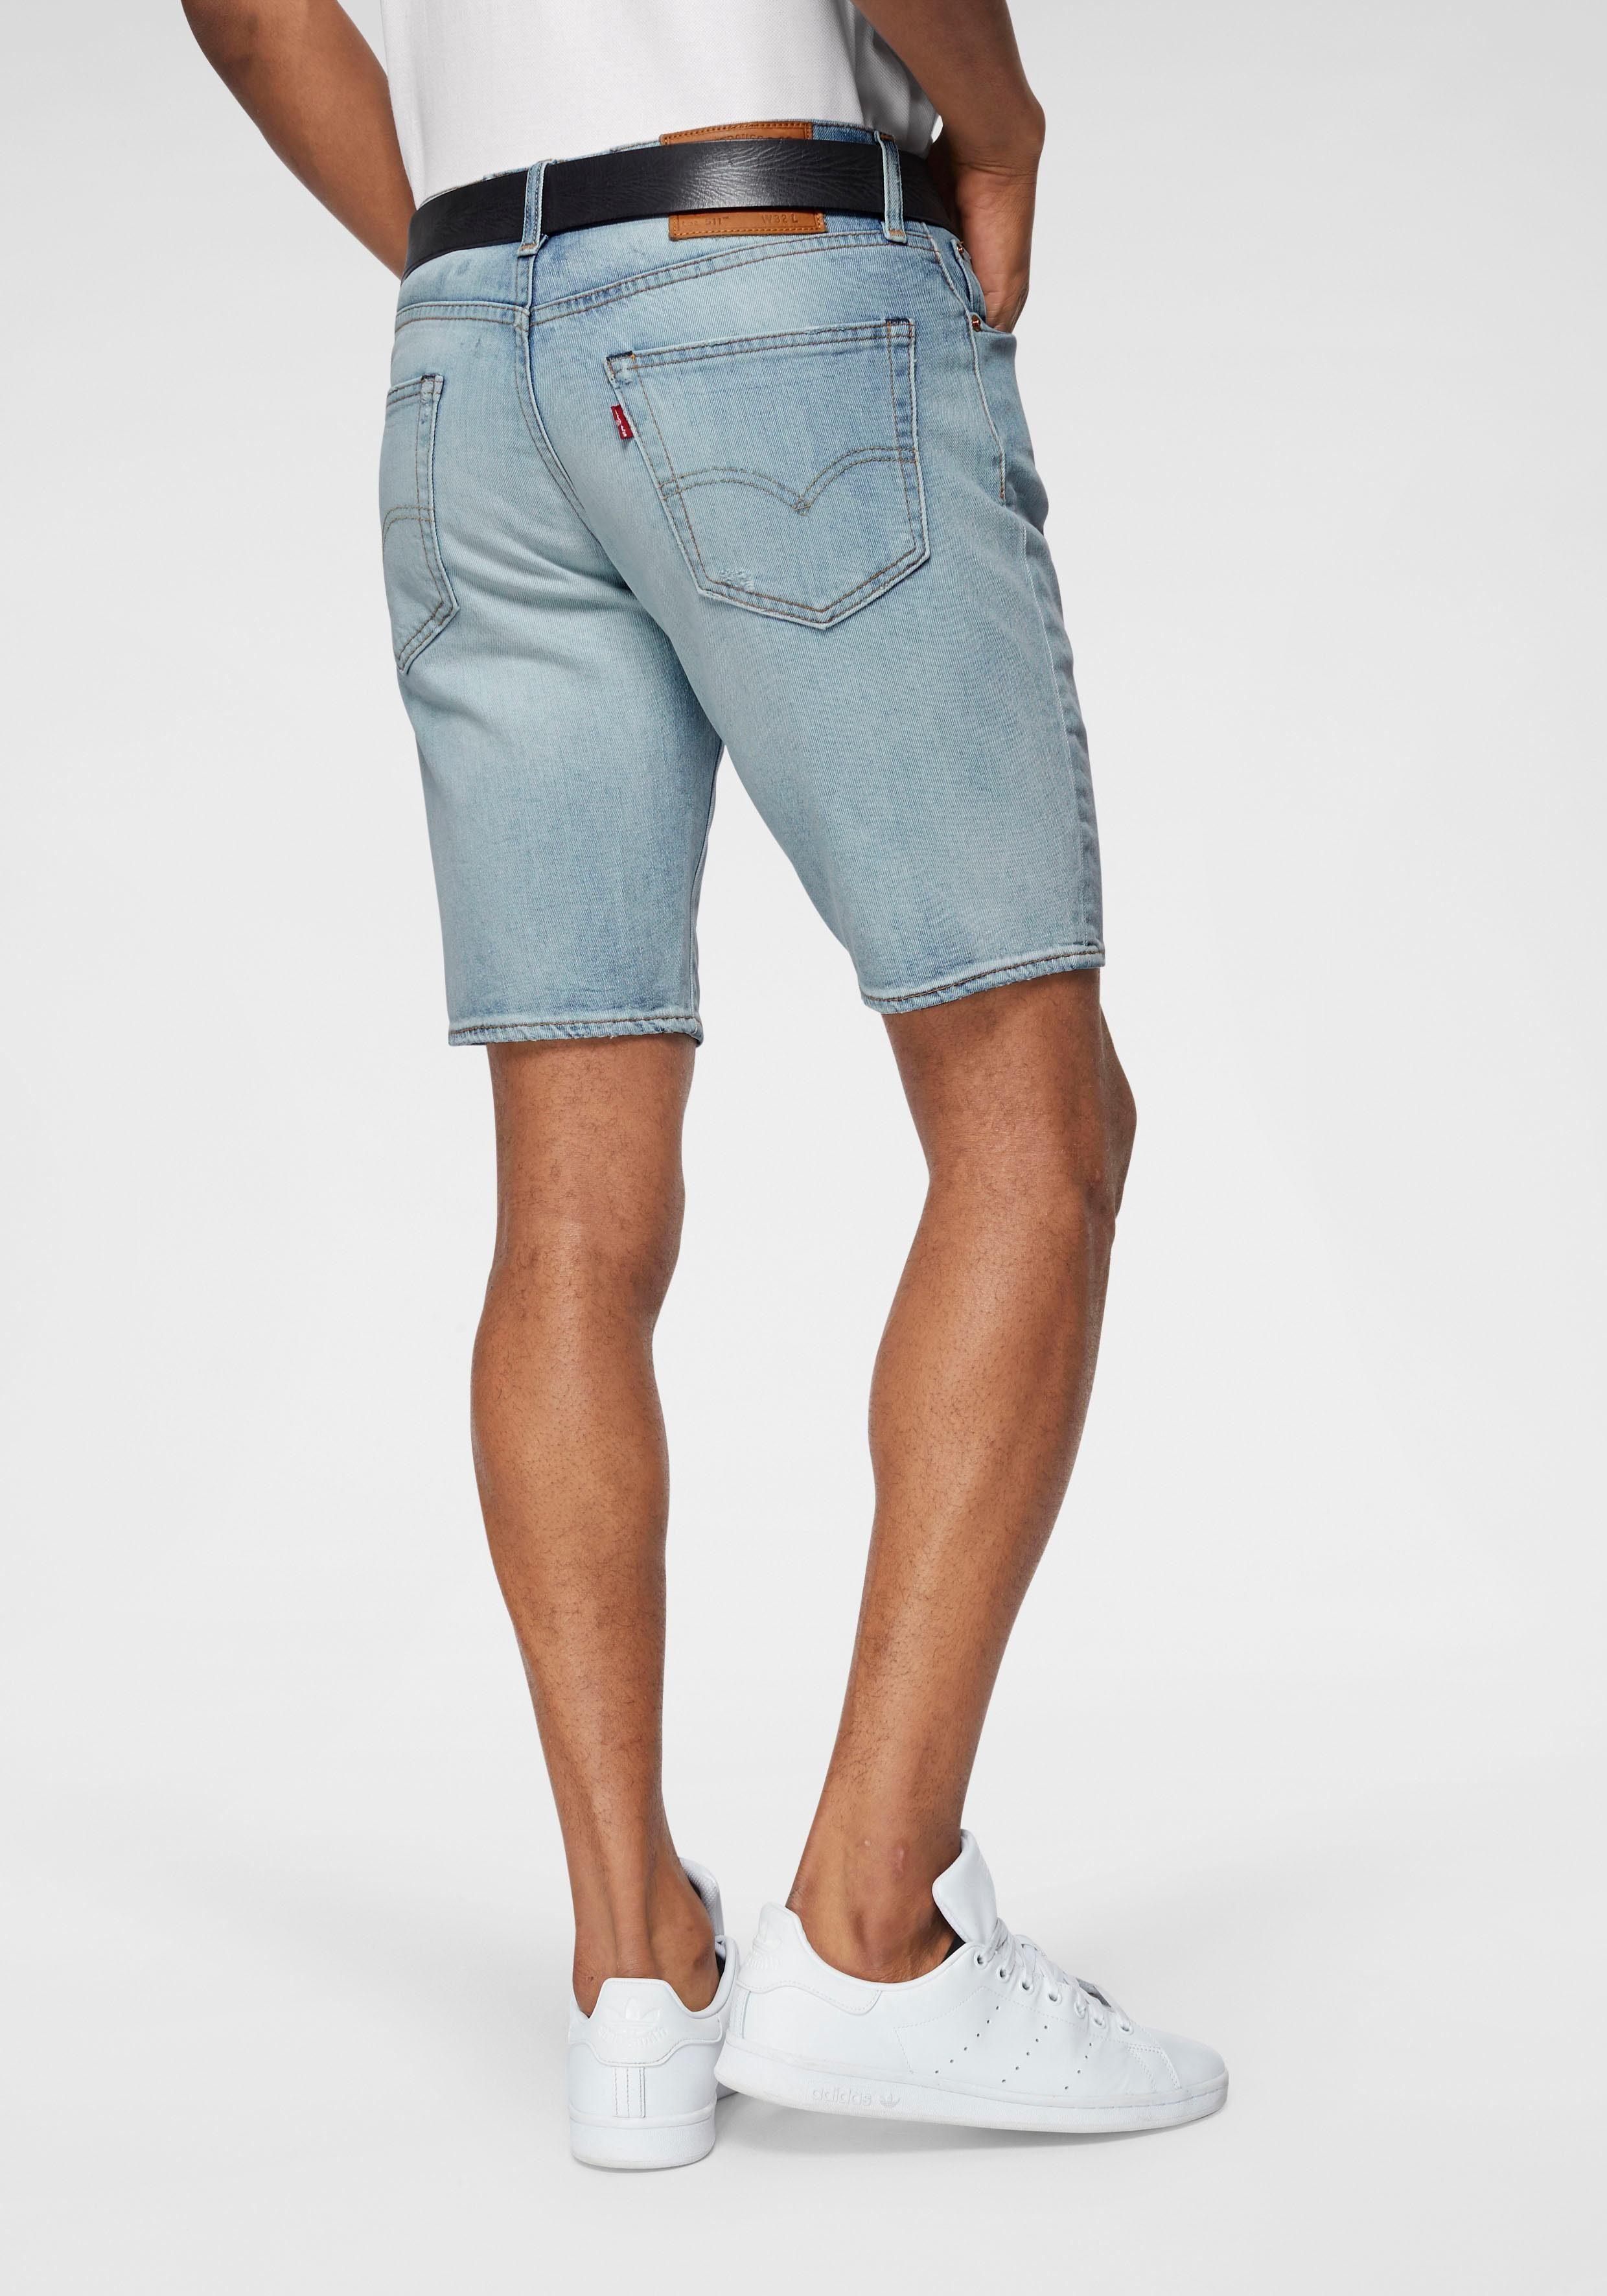 form Online Levi's® In Jeansshorts 5 pocket Kaufen 8mNnv0w